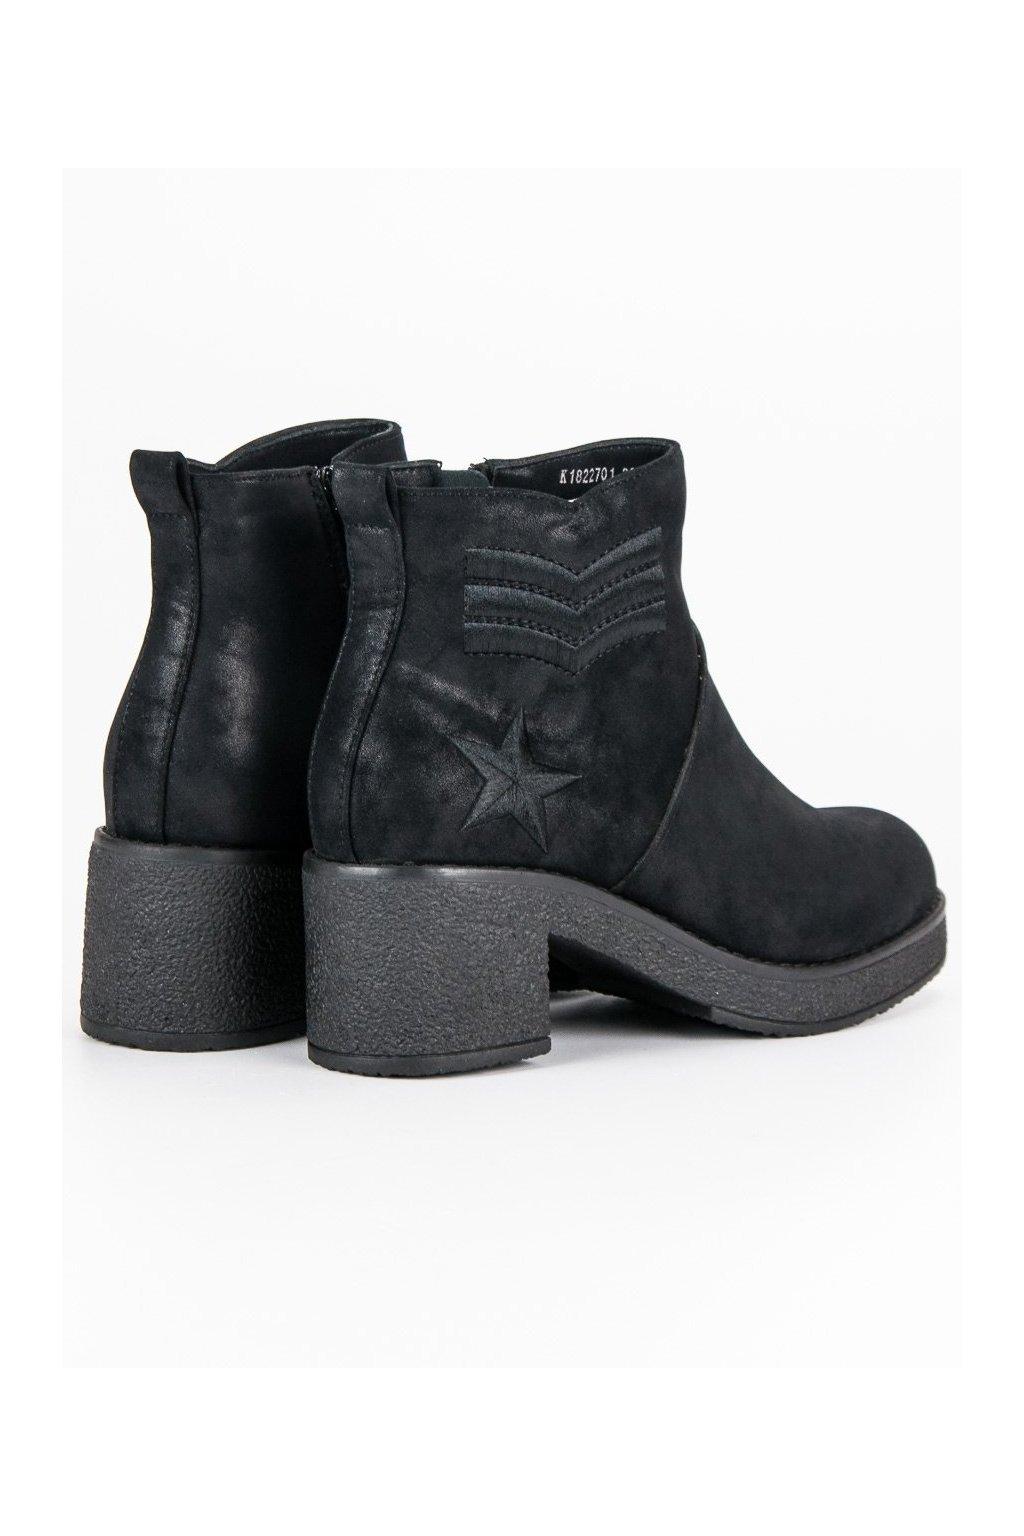 Dámske členkové topánky čierne vojenské čižmy Kylie e4d3c5a400a